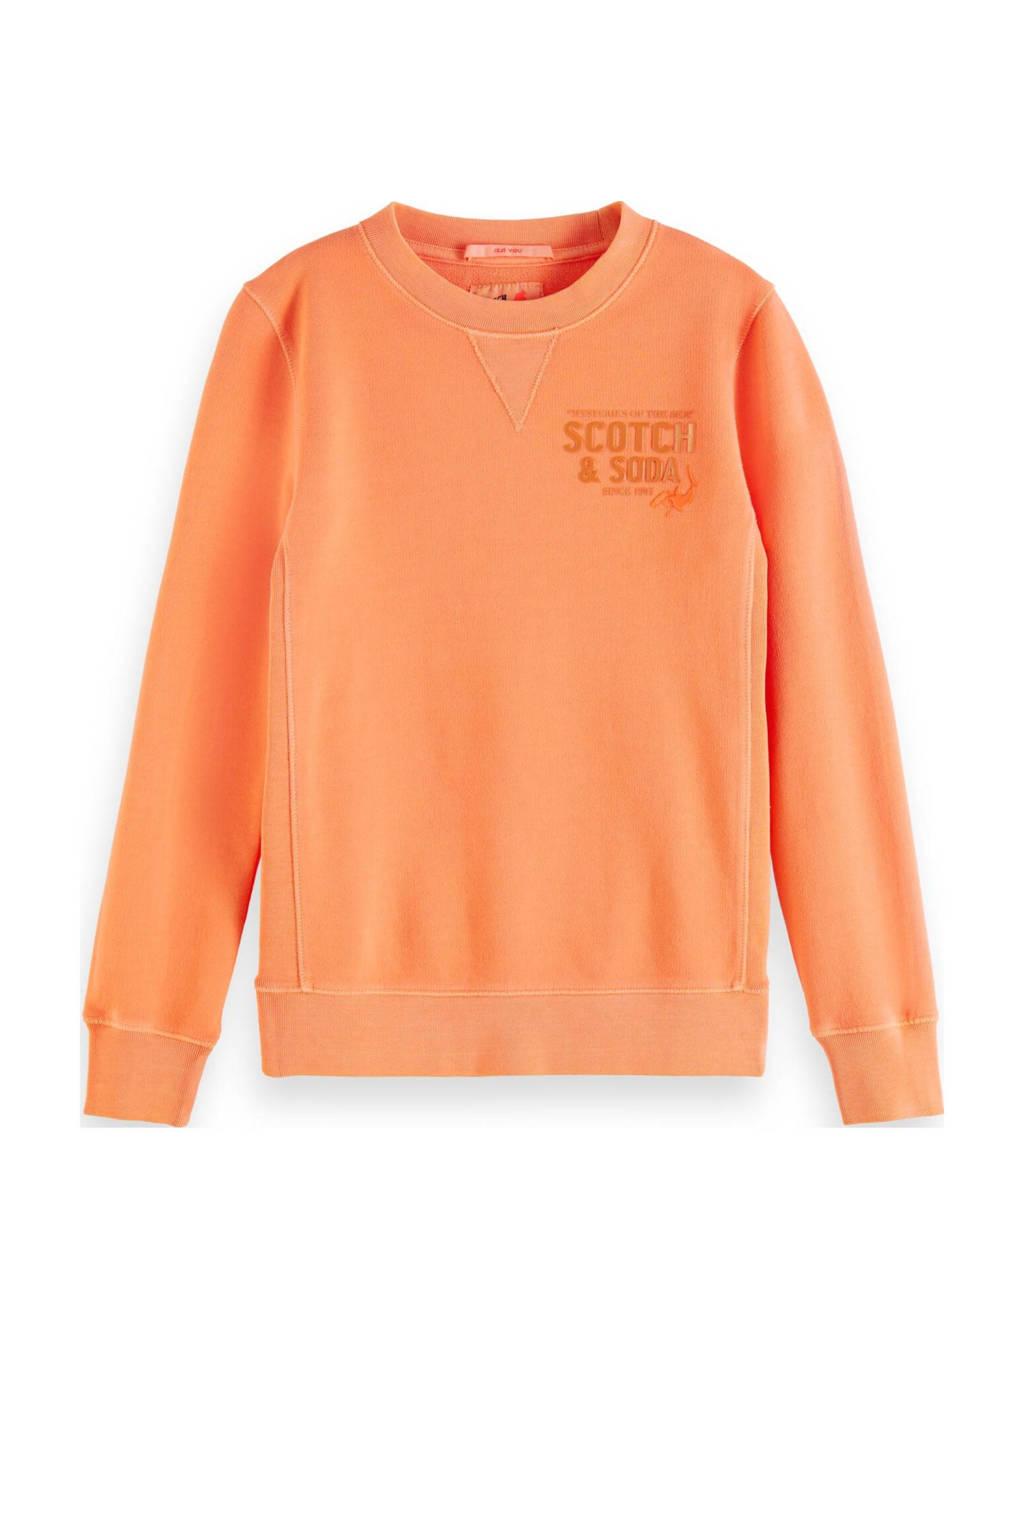 Scotch & Soda sweater met tekst oranje, Oranje